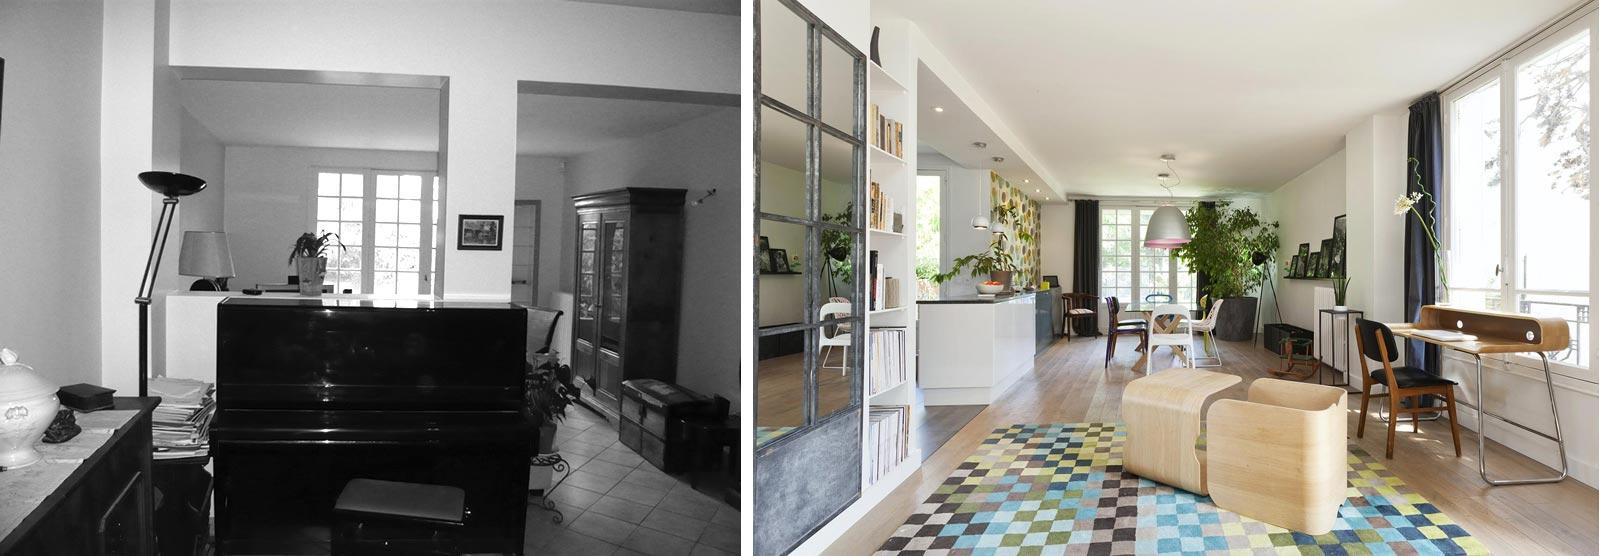 Relooking Maison Avant Apres relooking d'intérieur d'une maison individuelle de 5 pièces